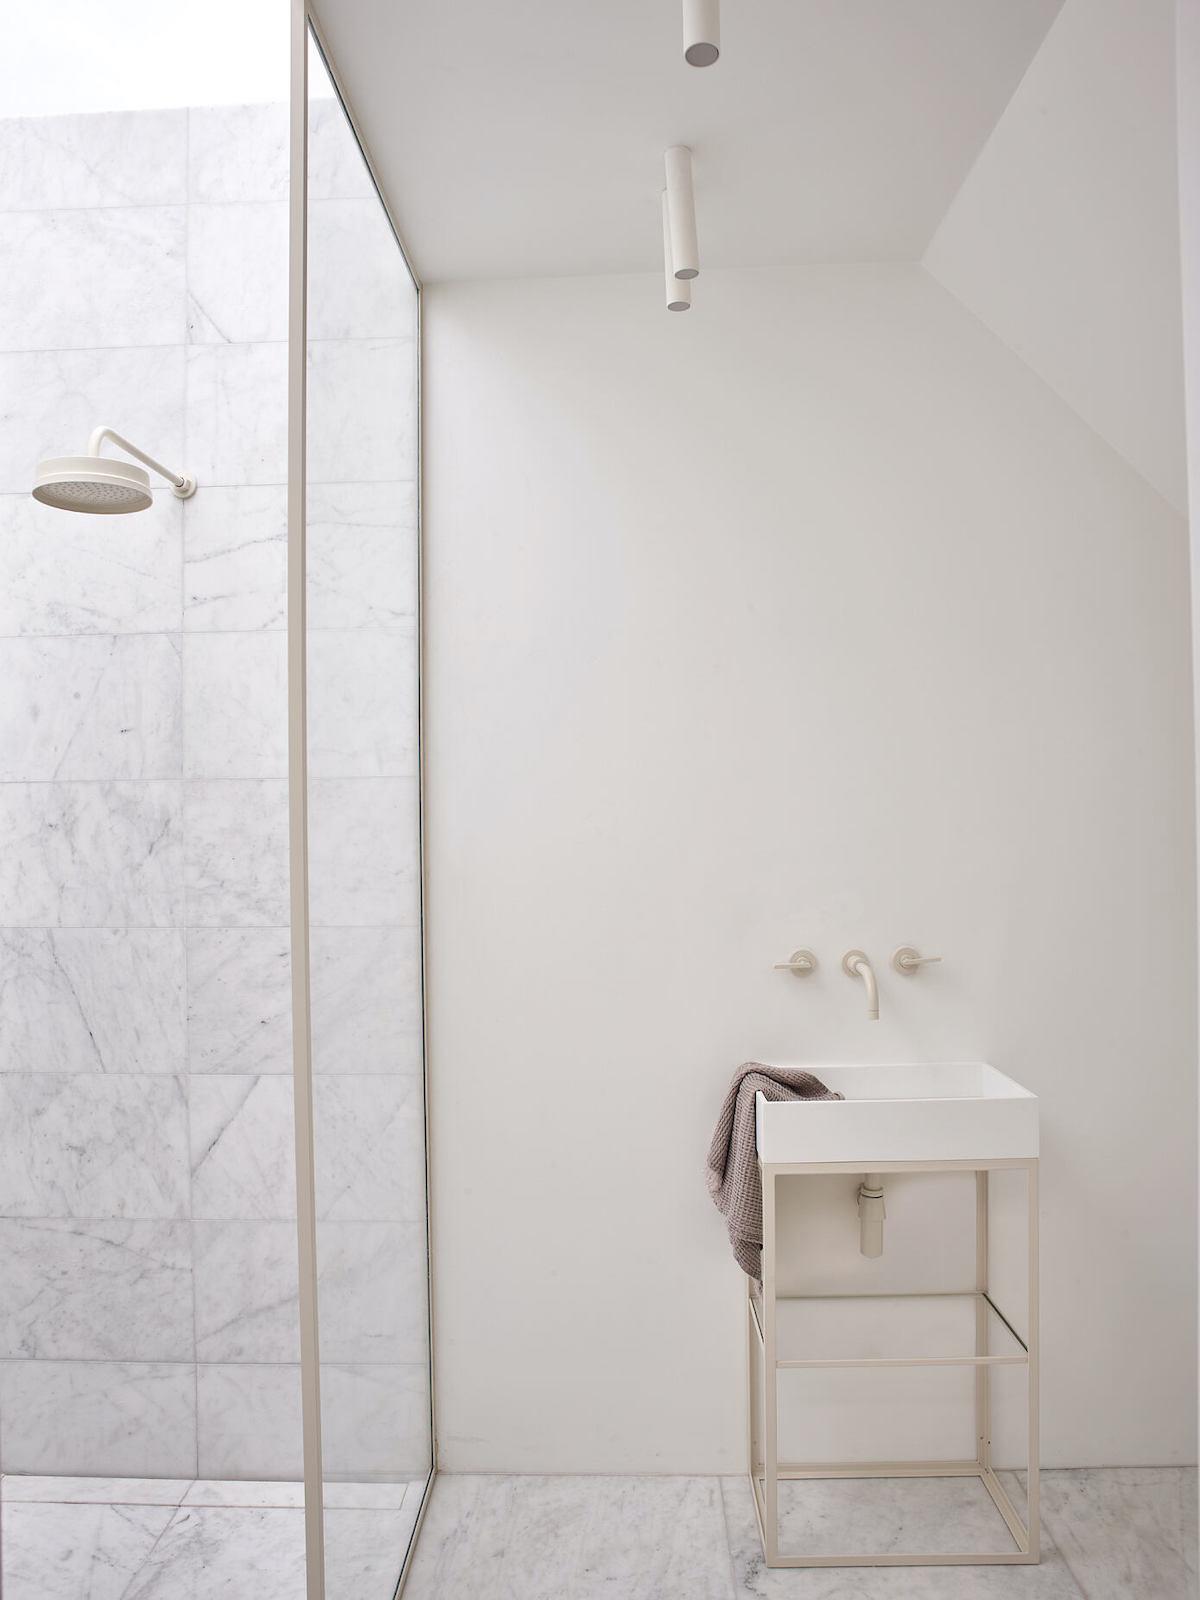 salle de bain minimaliste marbre grès cerame laiton blog déco - clem around the corner